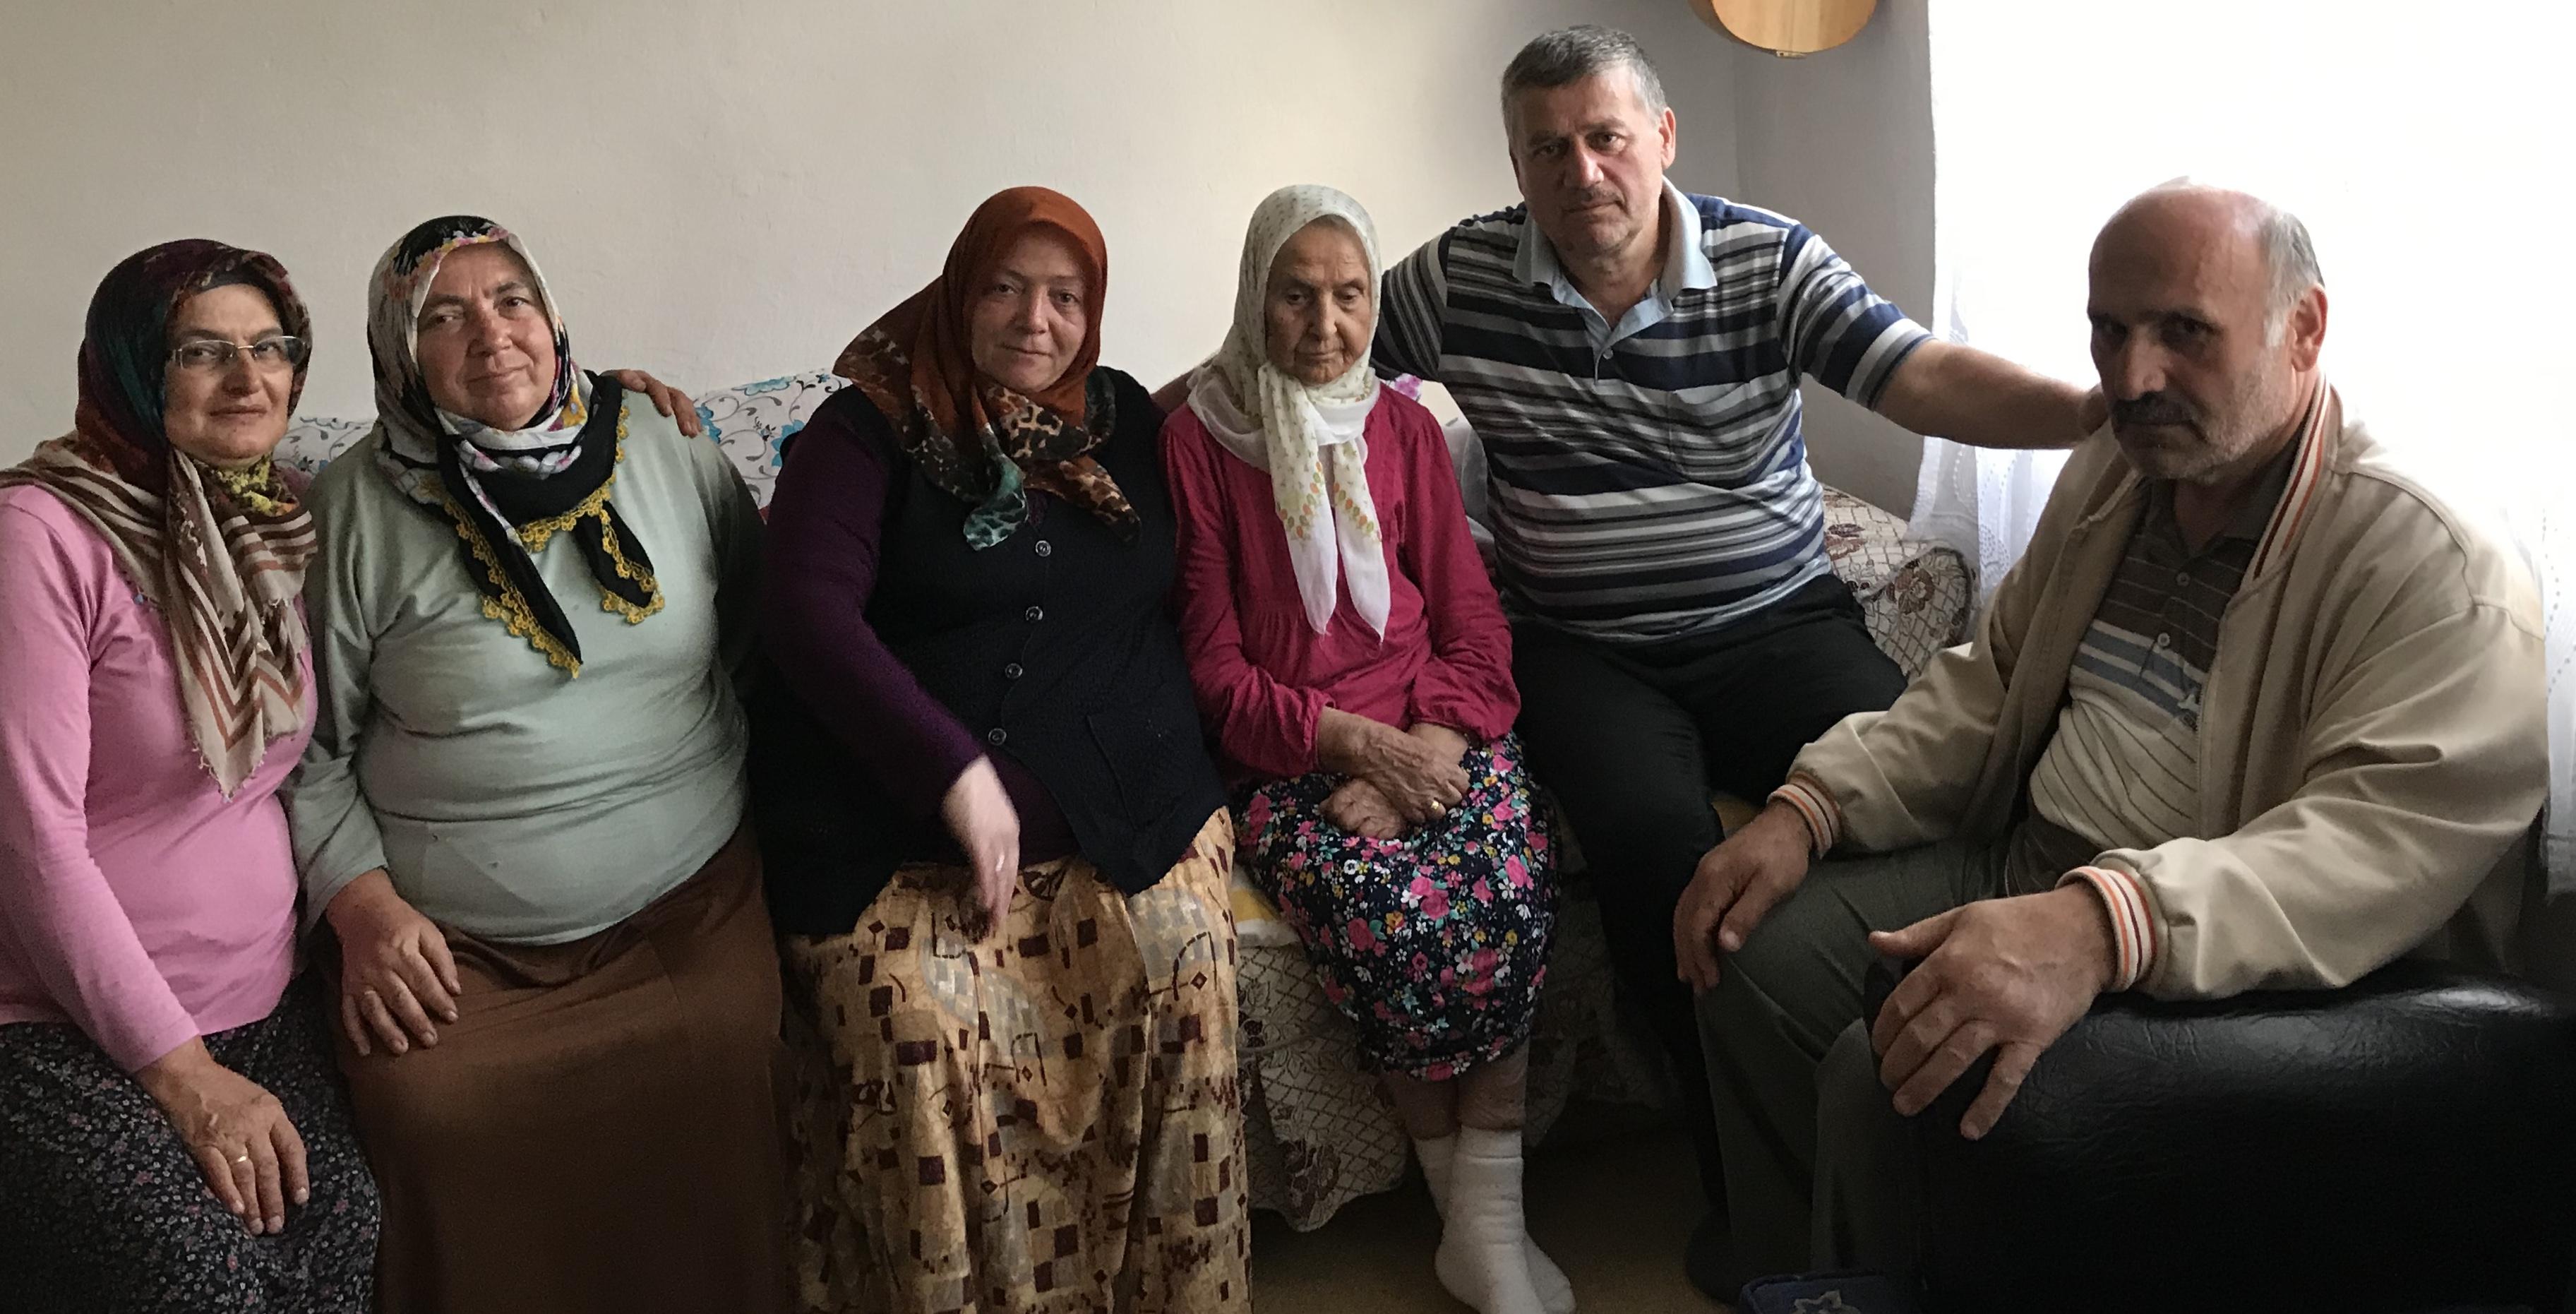 Akkuş Merkezde 45 senelik komşuyu ziyaret ederek geçmiş olsun ziyaretinde bulunduk. Şehri SAVAŞ Teyzemize Allah acil şifalar versin.